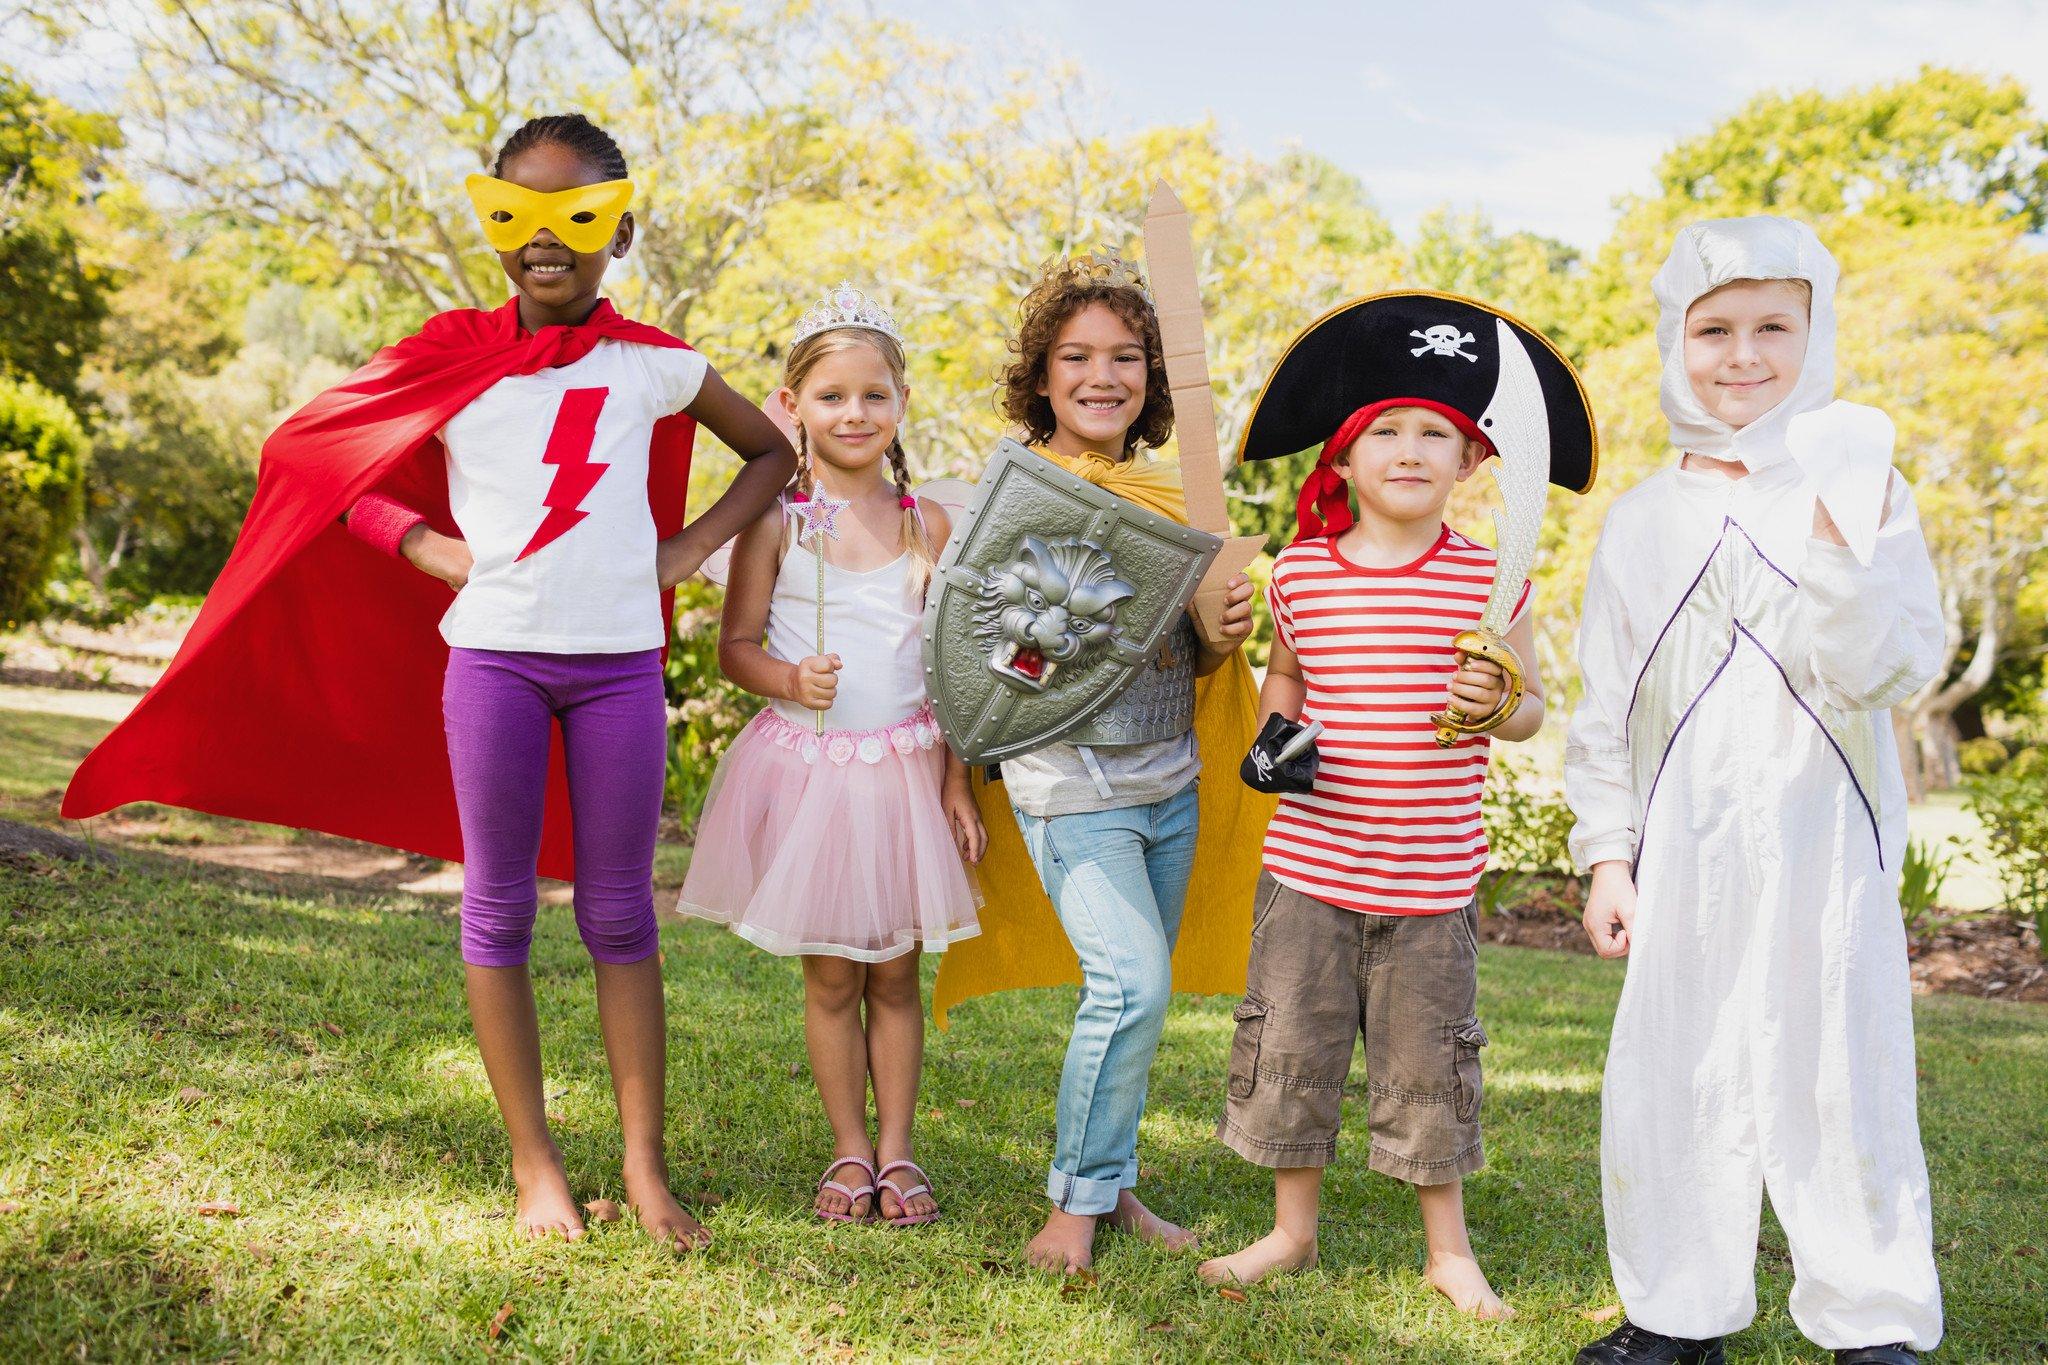 Kids In Park_copy.jpg